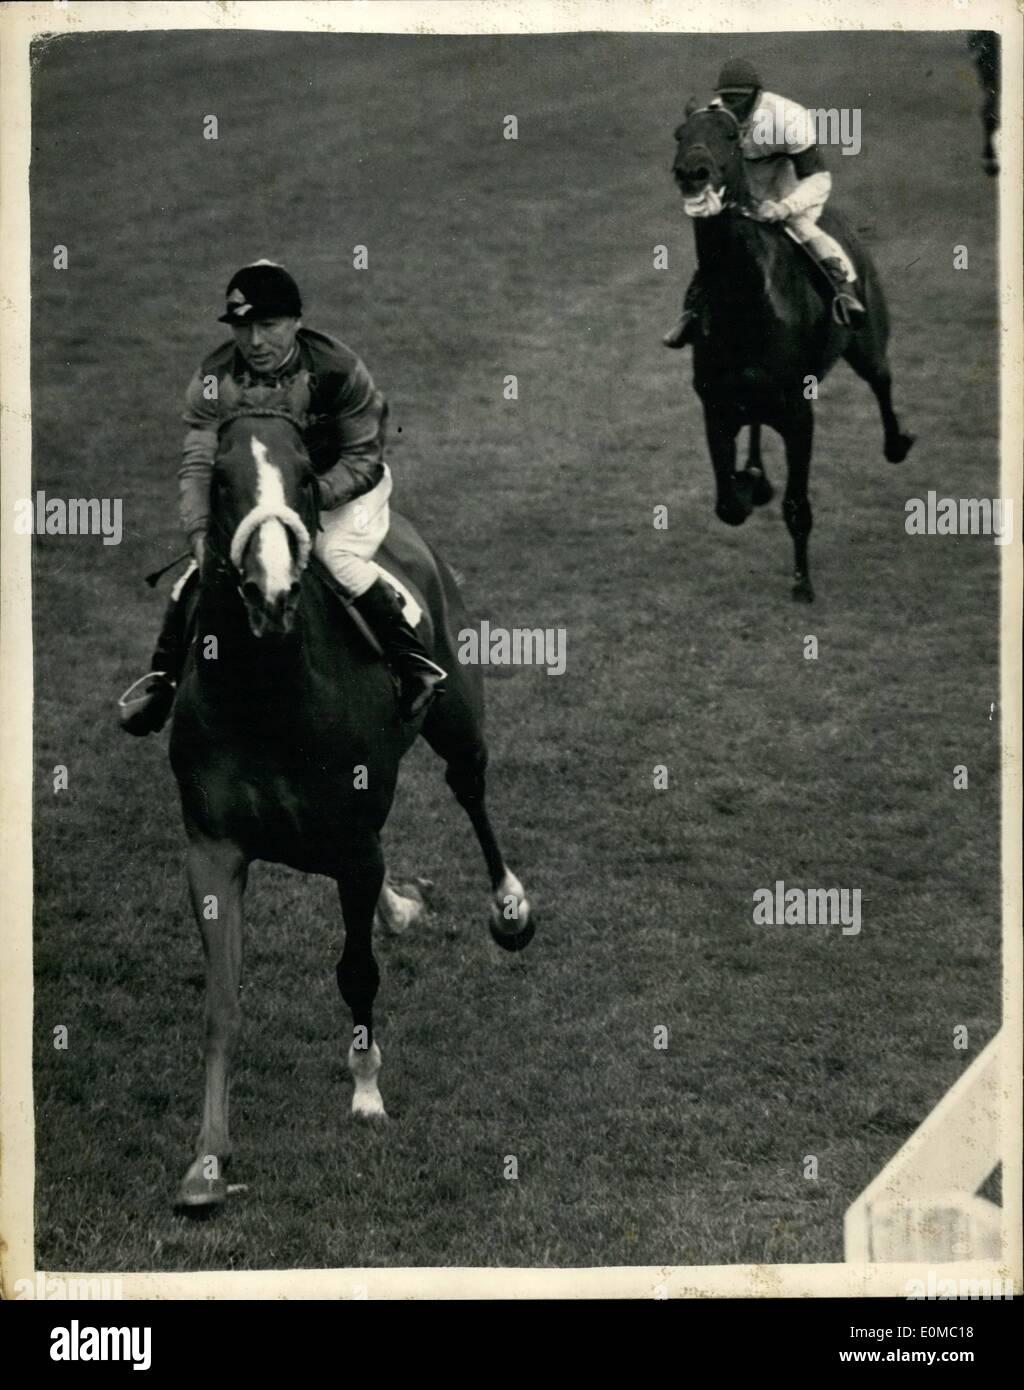 6. Juni 1954 - Rennen in Epsom. Der Königin Pferd gewinnt Coronation Cup. Keystone-Fotoshows:-die Szene in Epsom zeigt die Königin Pferd '' Aureole'', von E. Smith, gewann den Coronation Cup in Epsom, von '' Chatsworth (F. Barlow) Stockbild